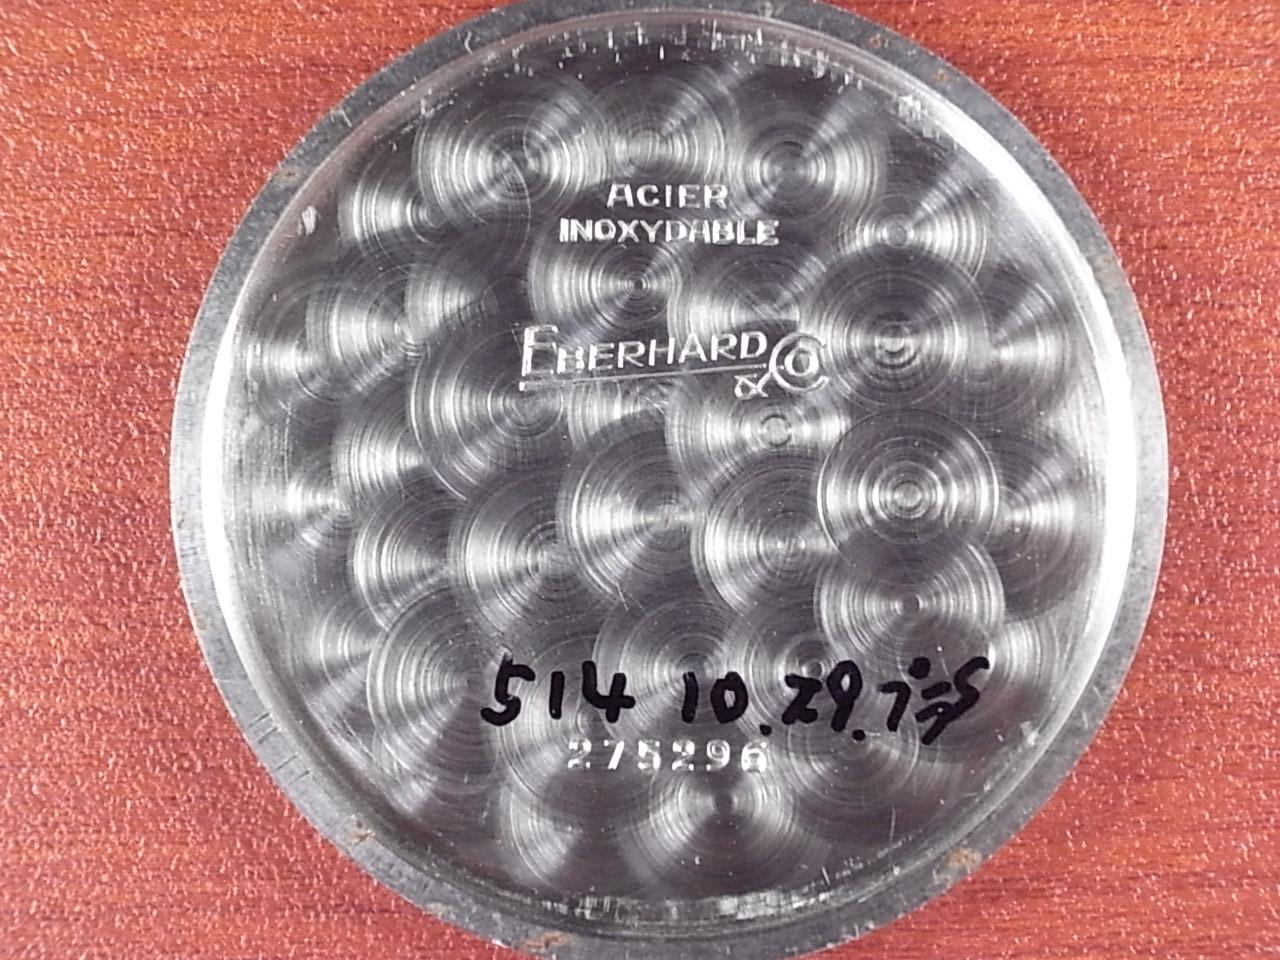 エベラール ピンクダイアル シリンダーケース ニアミント ボンクリップ付き 1940年代の写真6枚目